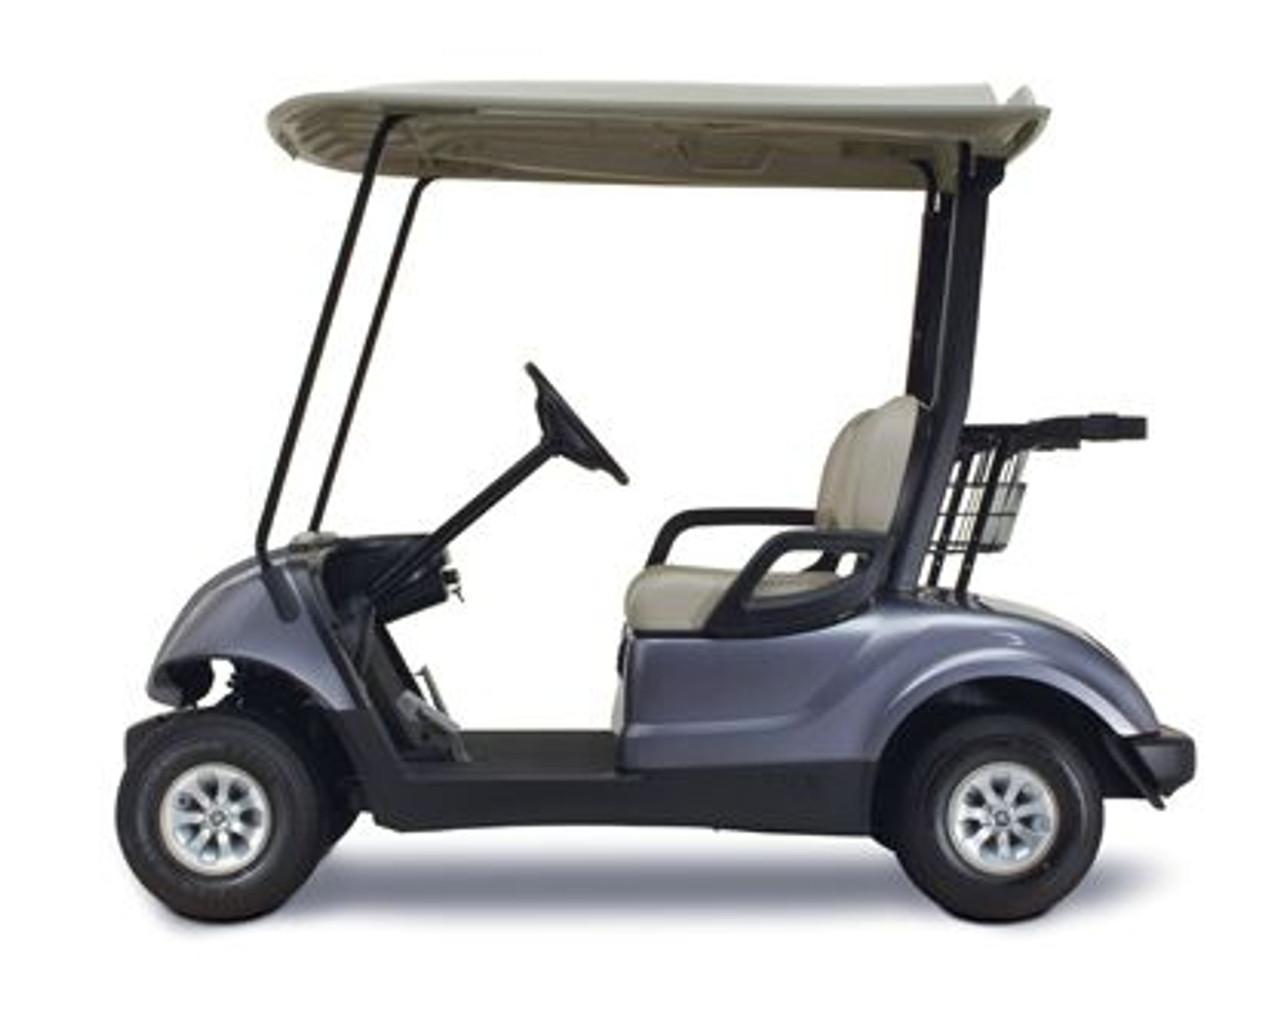 Yamaha Golf Cart Light Kit G2 G9 G14 G16 Drive More